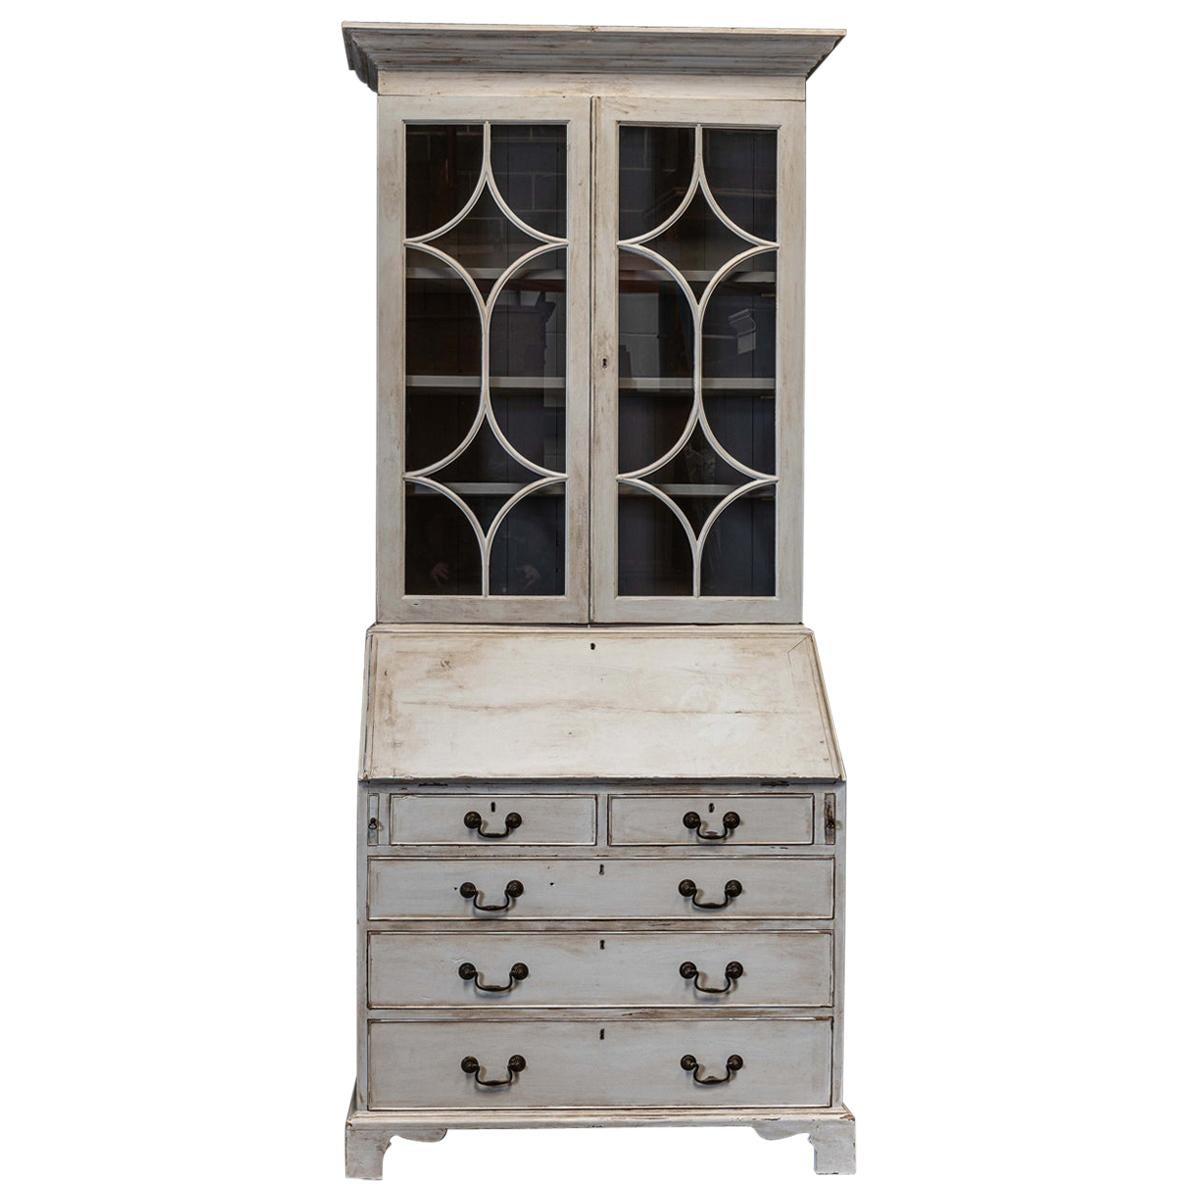 19th Century English Painted Glazed Bookcase Bureau